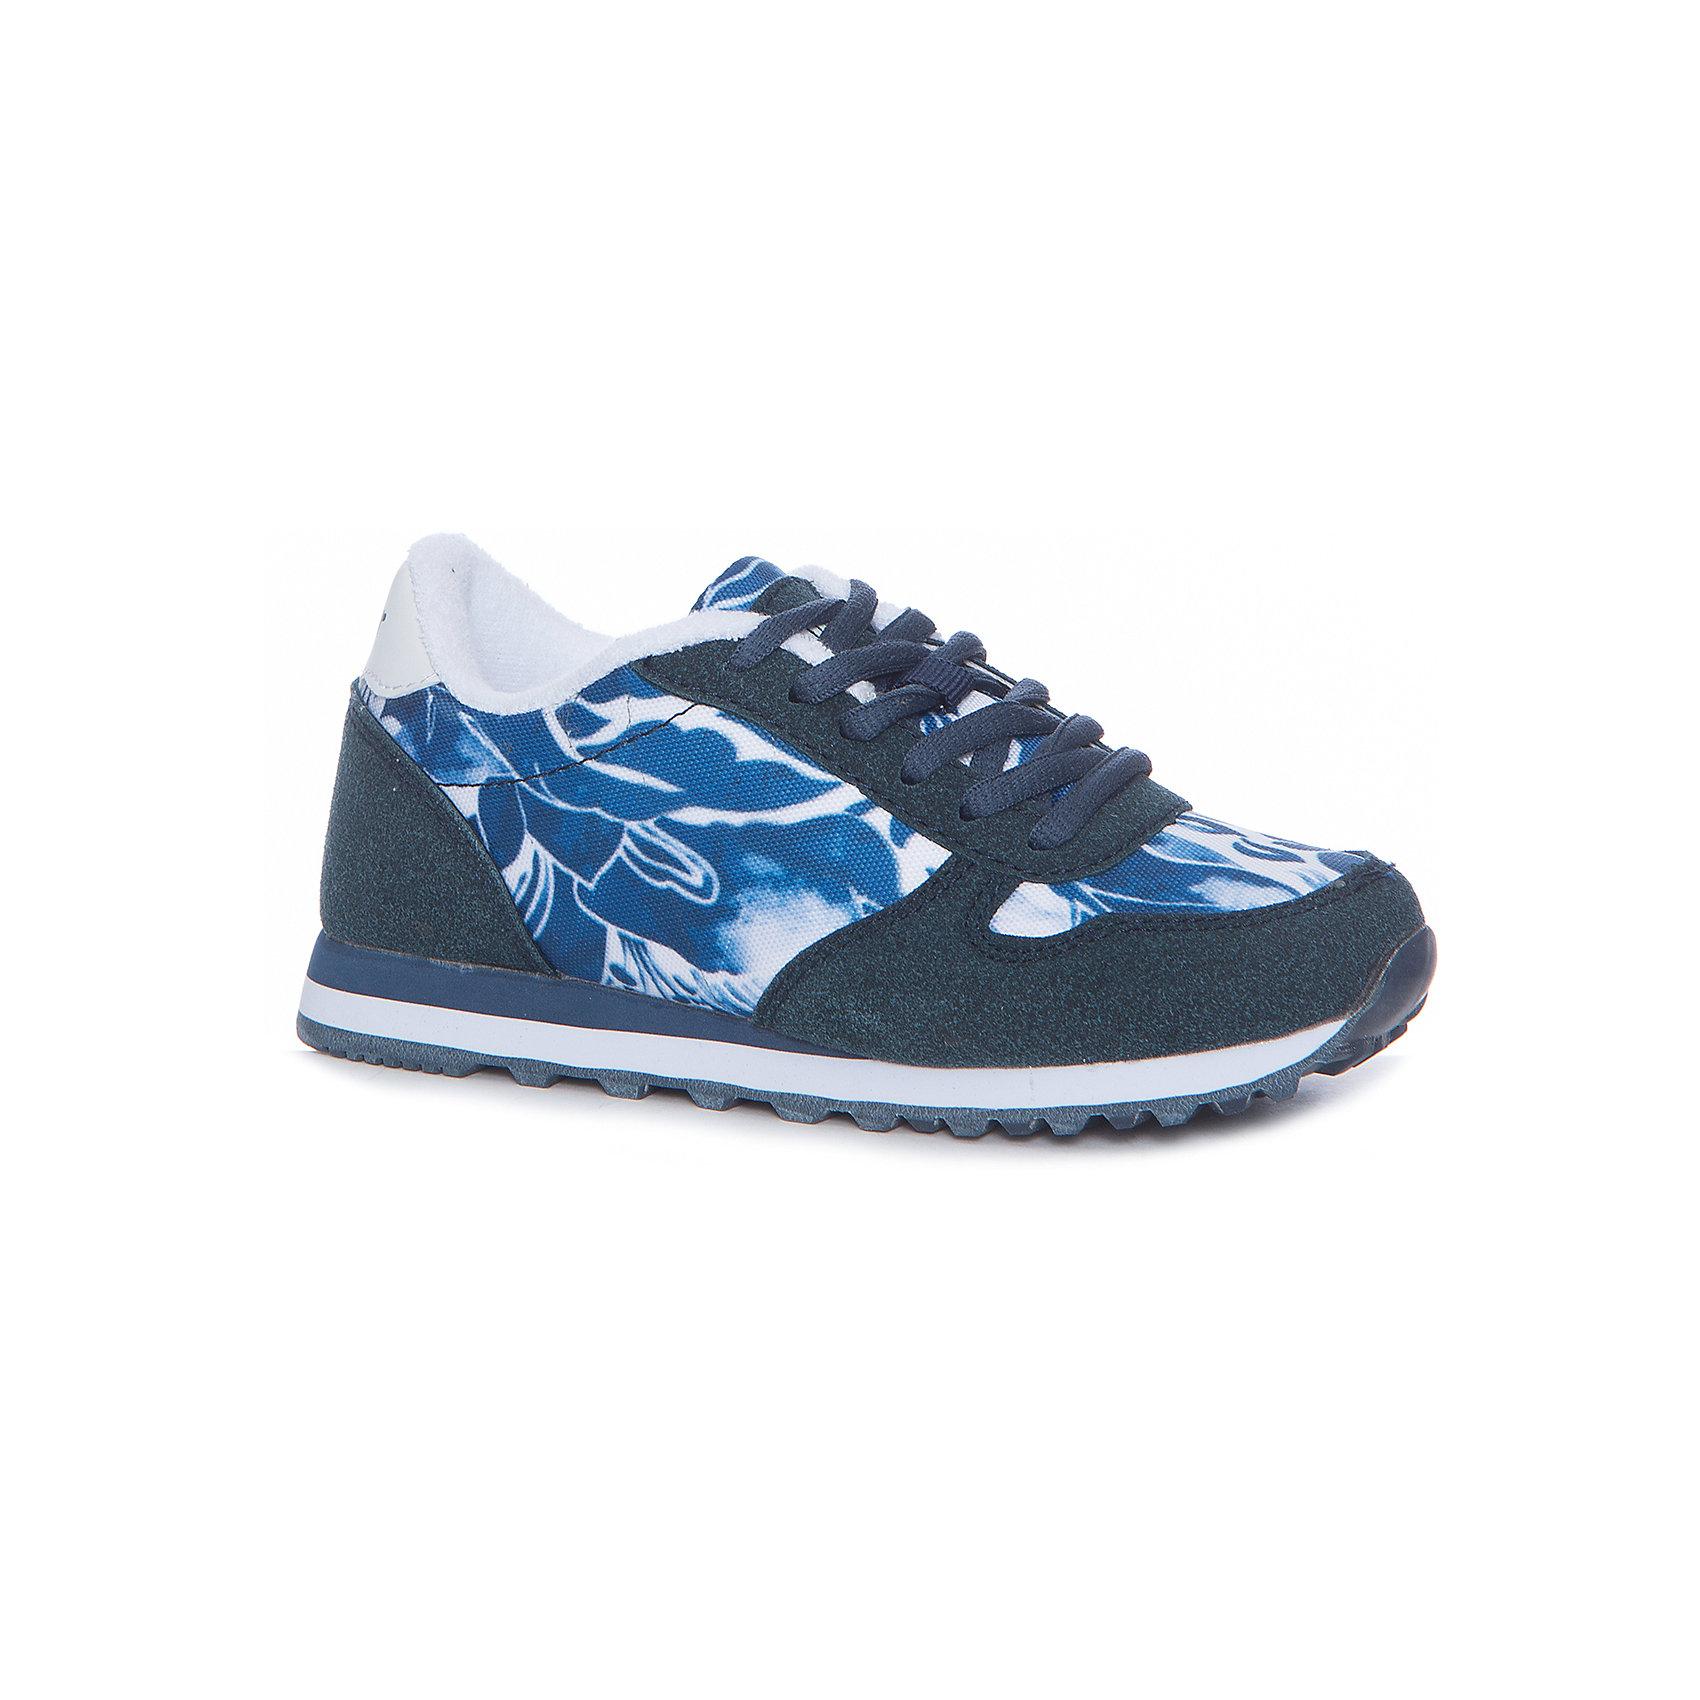 Кроссовки для девочки GulliverКеды, кроссовки, слипоны… С каждым днем спортивная обувь все больше входит в жизнь наших детей, вытесняя привычные босоножки и туфли. Синие кроссовки с цветочным рисунком - мечта каждой модницы! Они отлично завершат любой образ в спортивном и casual стиле, придав ему остроту, динамику и индивидуальность. Стильный дизайн, красивая форма - ну что еще  нужно для модного комфортного лета? Если вы хотите купить классные кроссовки для девочки, создающие настроение, выбор этой модели - правильное решение!<br>Состав:<br>верх: текстиль, иск кожа, иск нубук, подклад: текстиль, стелька: текстиль, Eva; подошва: резина<br><br>Ширина мм: 250<br>Глубина мм: 150<br>Высота мм: 150<br>Вес г: 250<br>Цвет: синий<br>Возраст от месяцев: 96<br>Возраст до месяцев: 108<br>Пол: Женский<br>Возраст: Детский<br>Размер: 32,33,34,35,36,30,31<br>SKU: 5484077